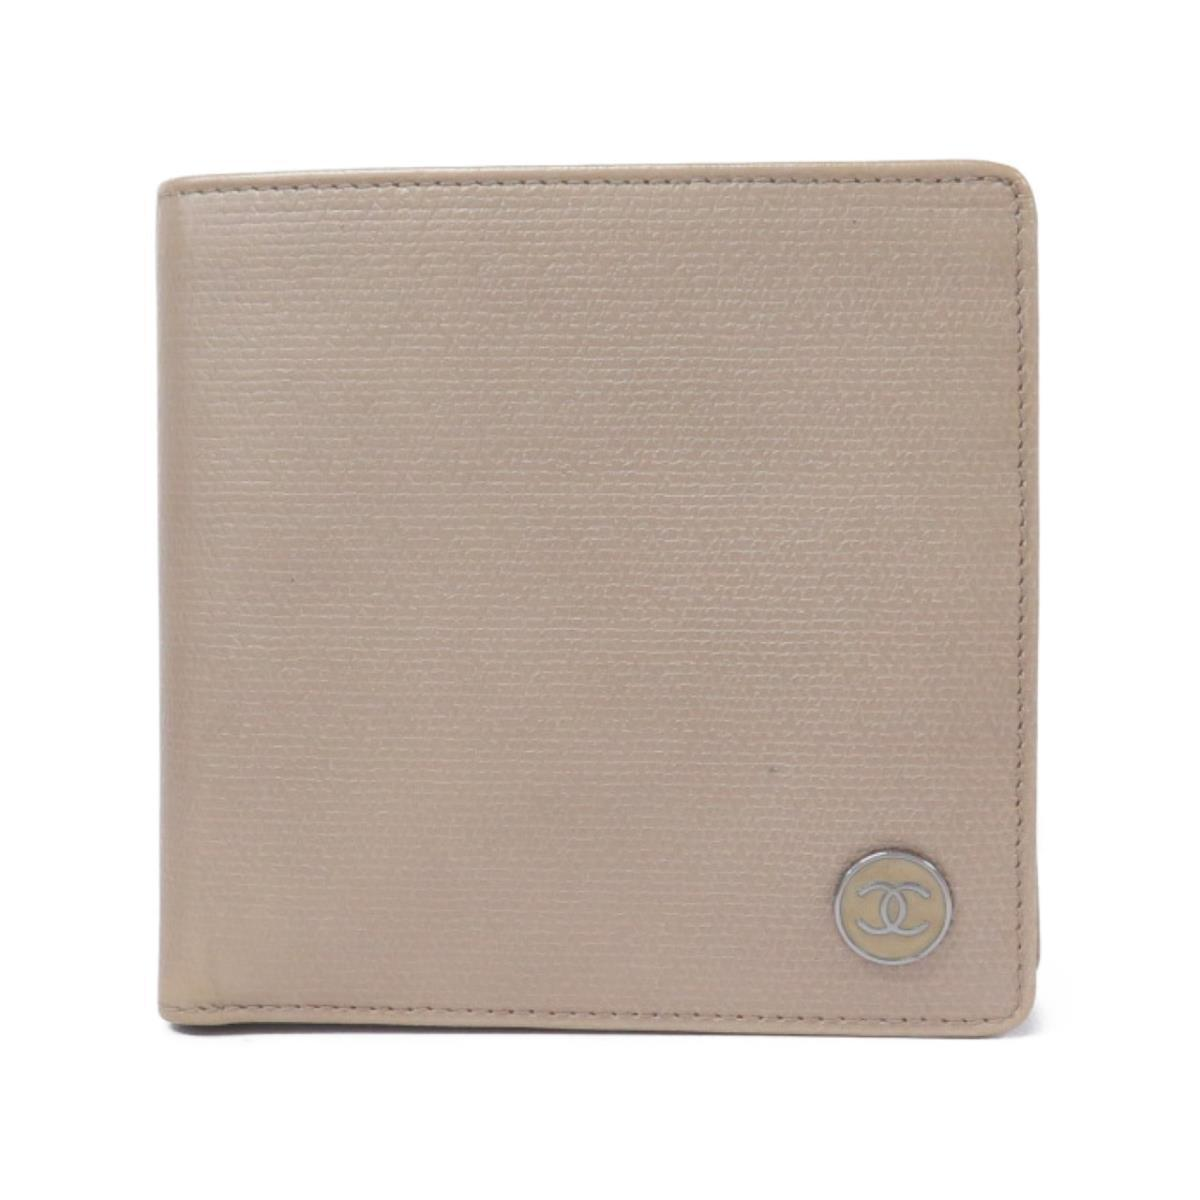 ココボタンがついたベージュのシャネルのミニ財布